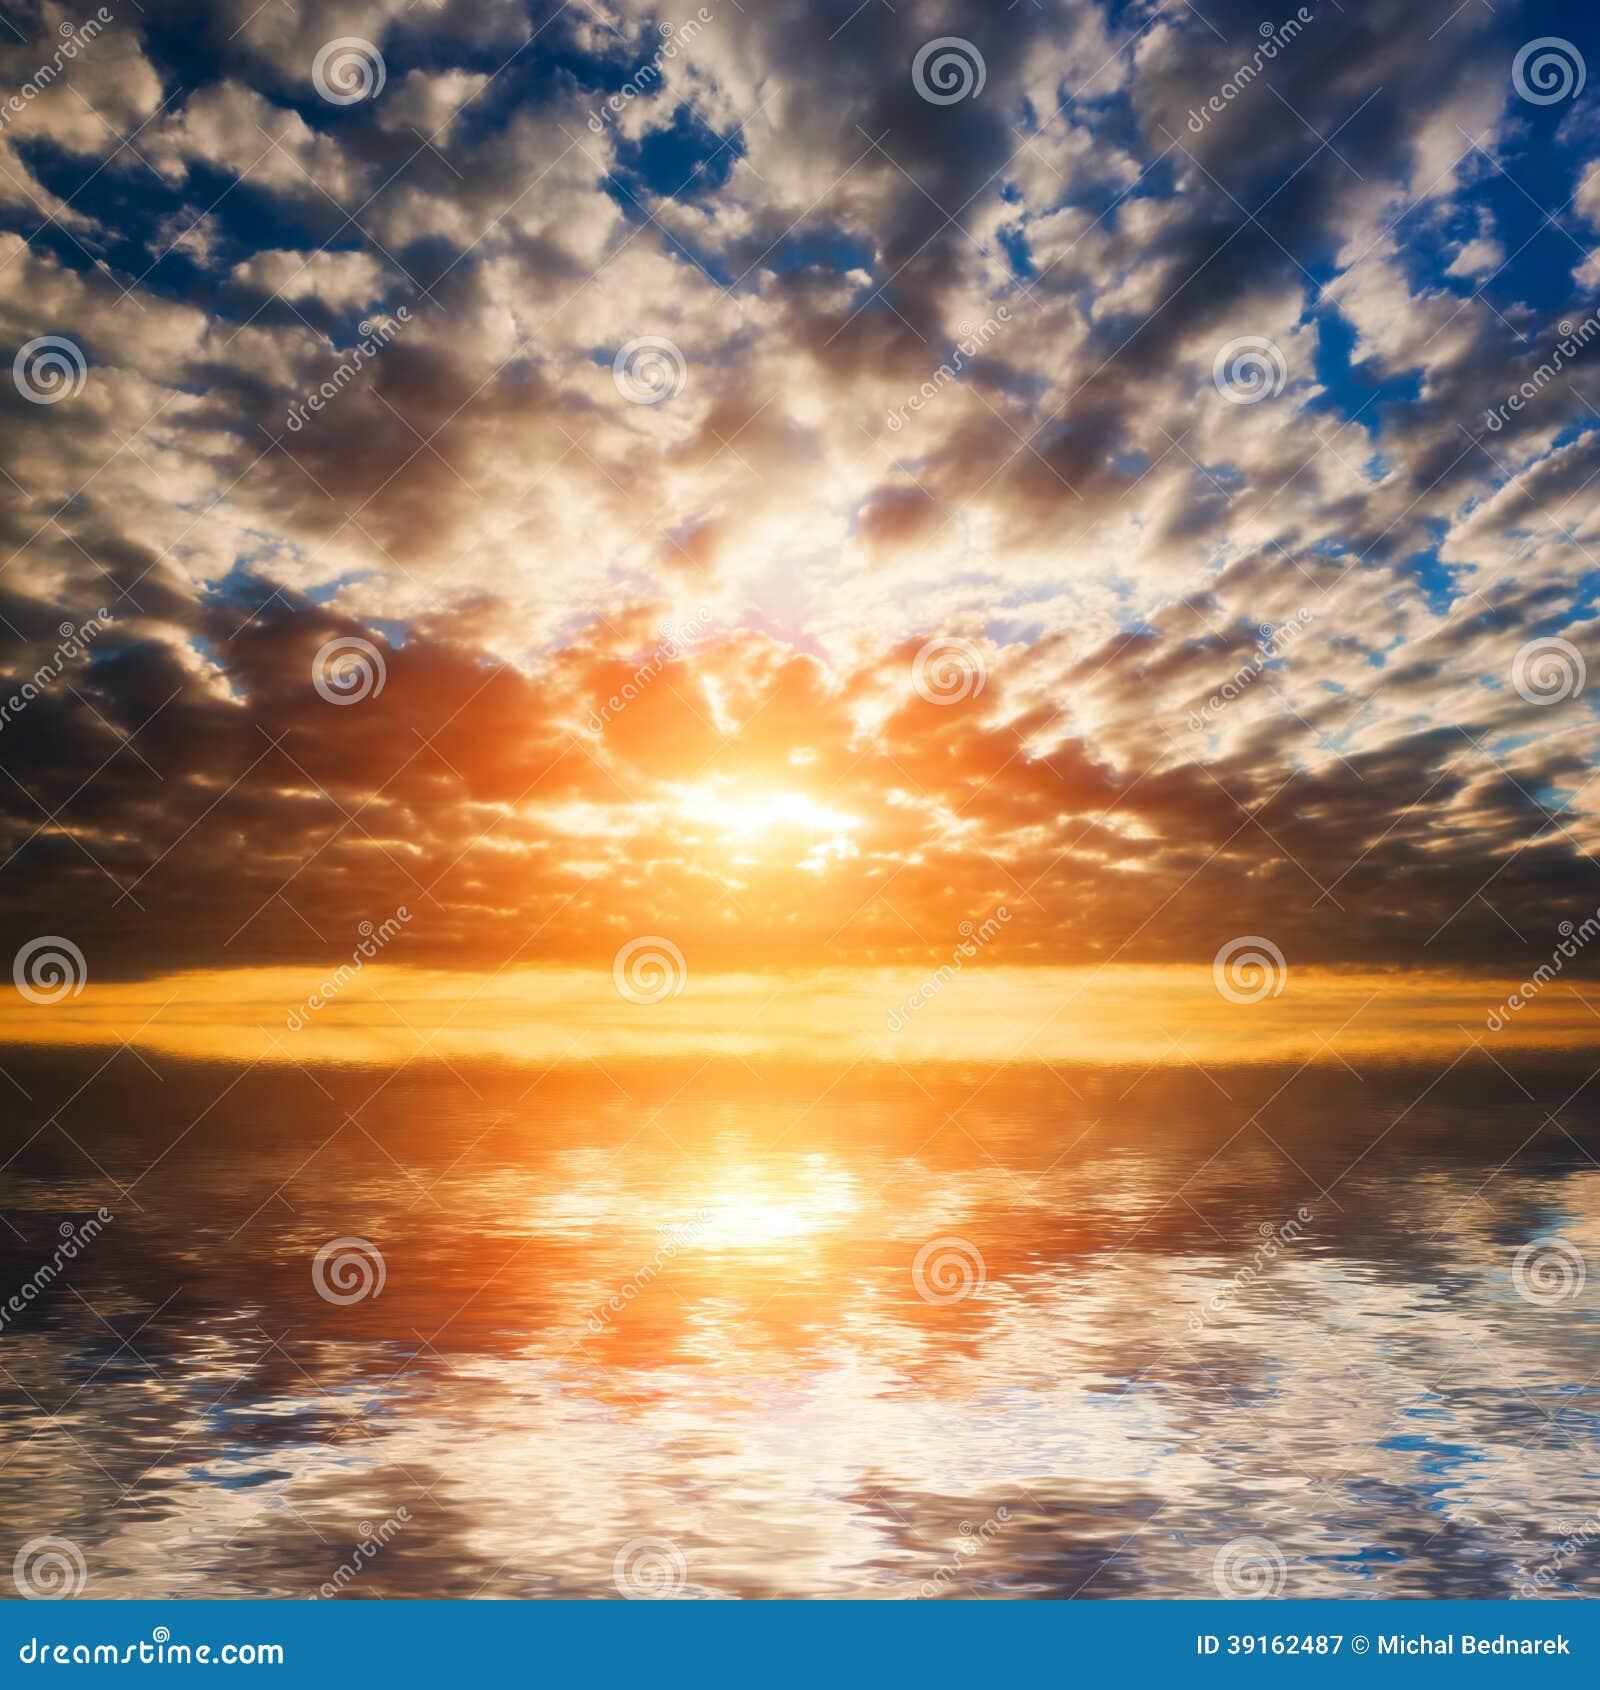 Абстрактный, драматический заход солнца на море, океане.